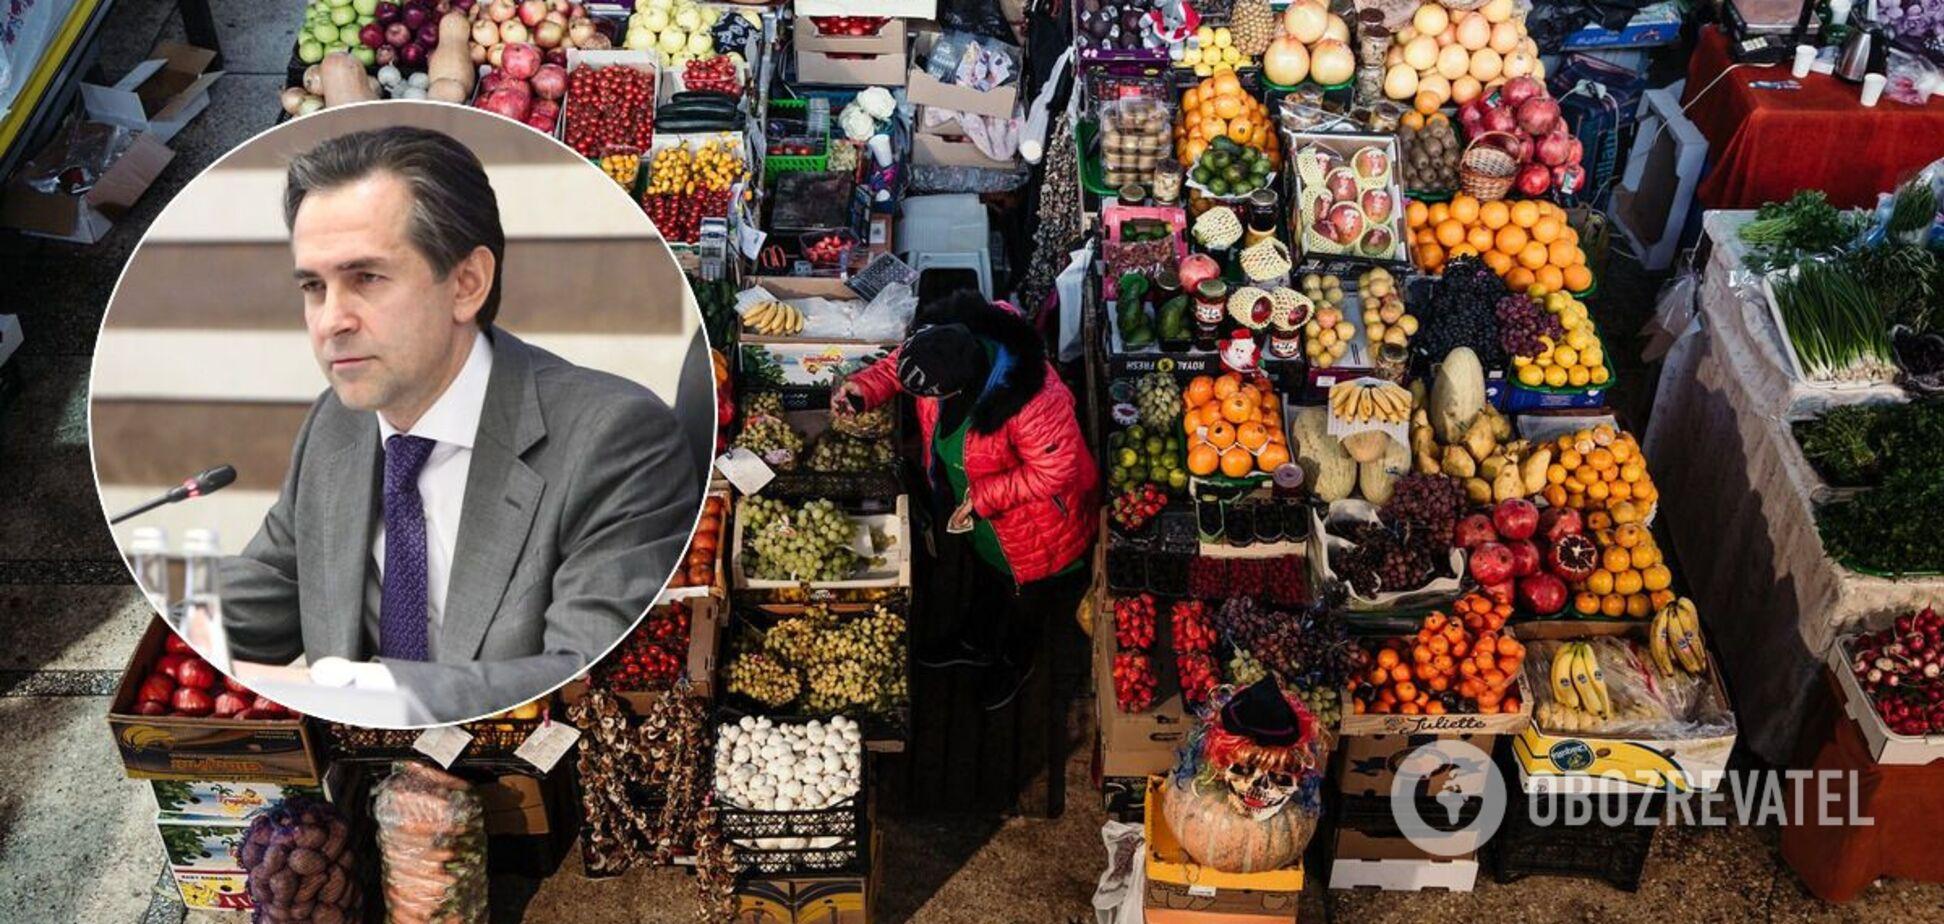 Чеського пива на Володимирському ринку вже не купиш, – Любченко про реформу податкової